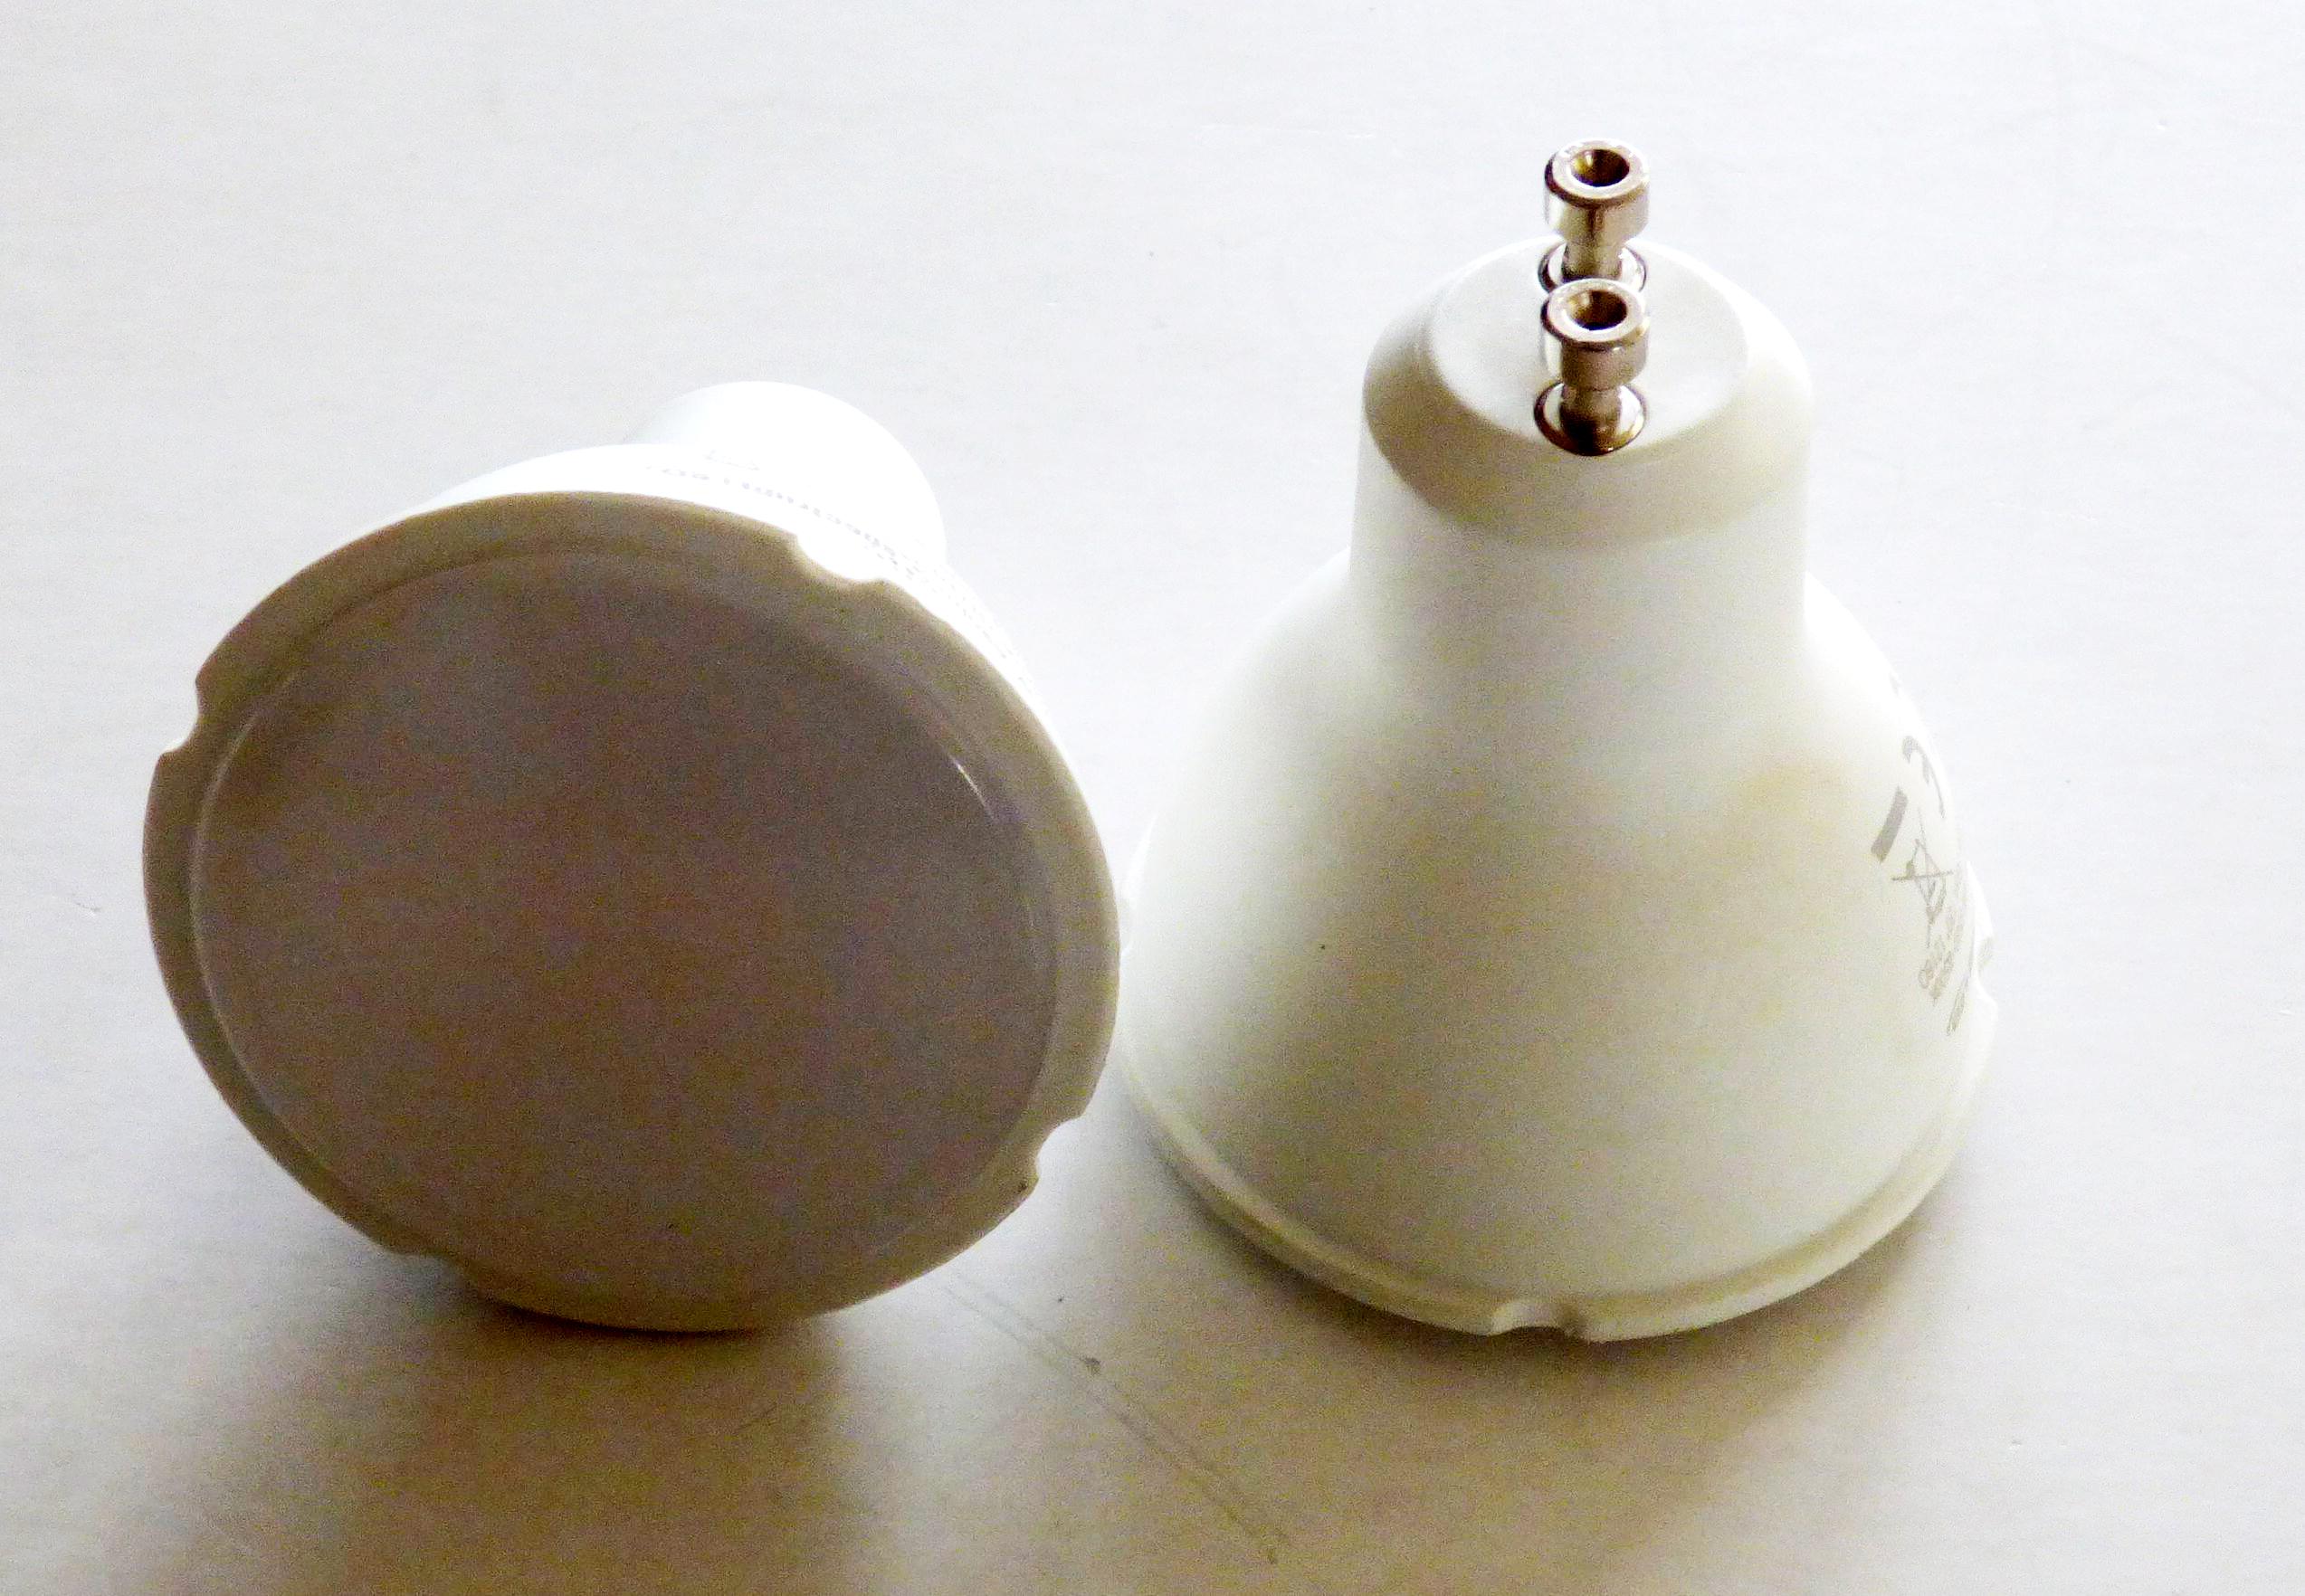 Led lampe 10 watt 730 lumen gu10 keramik kaltwei 1 x led gu10 led lampe 10 watt 730 lumen gu10 keramik kaltwei parisarafo Image collections